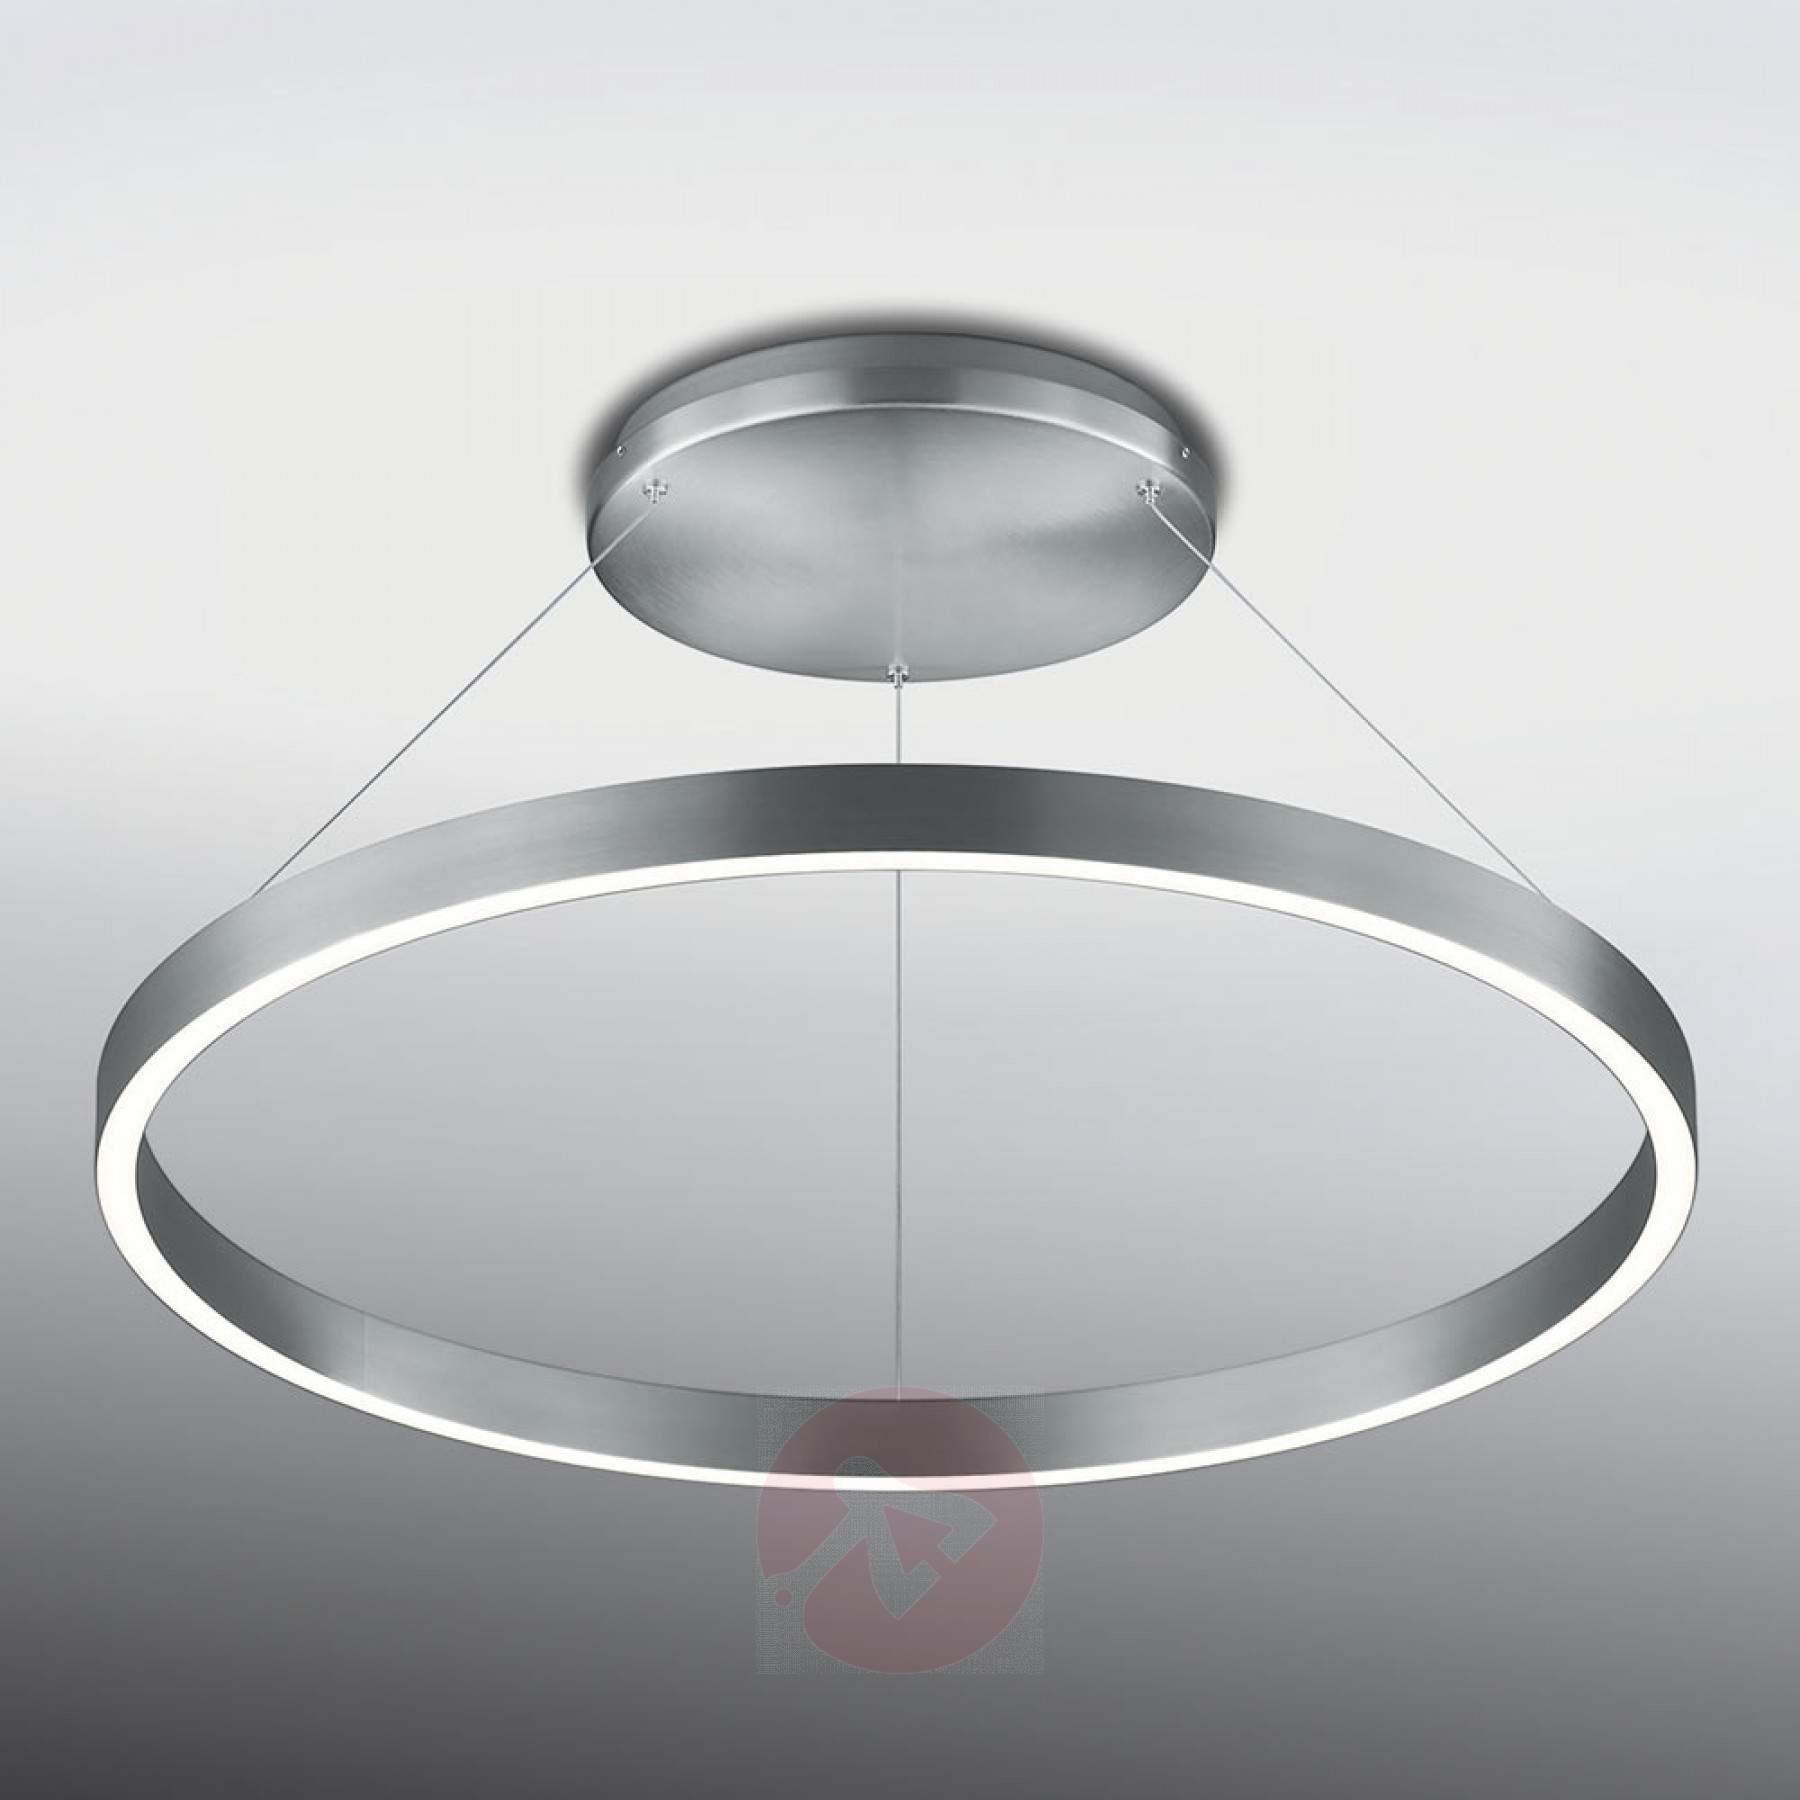 Full Size of Deckenleuchten Design Ringfrmige Led Deckenleuchte Circle Dimmbar Kaufen Lampenweltde Designer Badezimmer Esstische Regale Küche Industriedesign Wohnzimmer Wohnzimmer Deckenleuchten Design